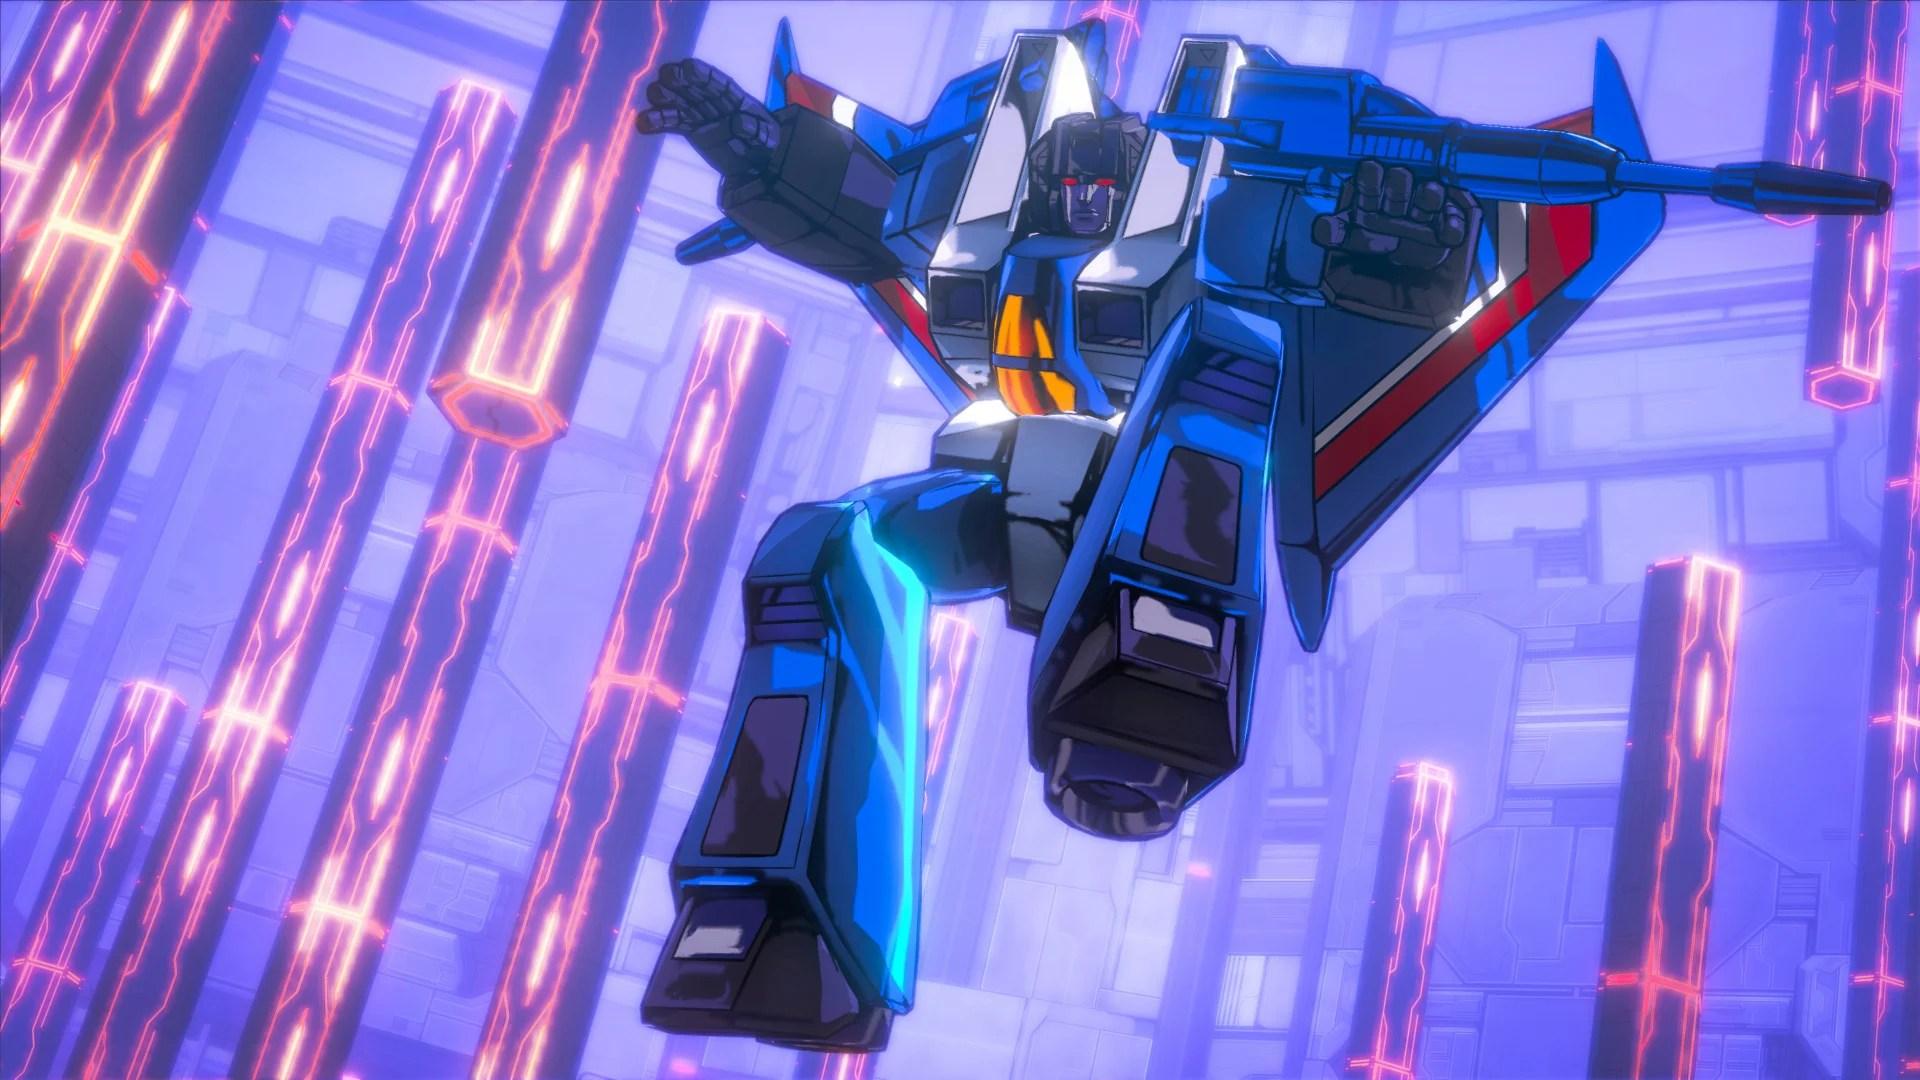 Transformer 4 Cars Wallpaper Transformers Devastation Ps4 Playstation 4 News